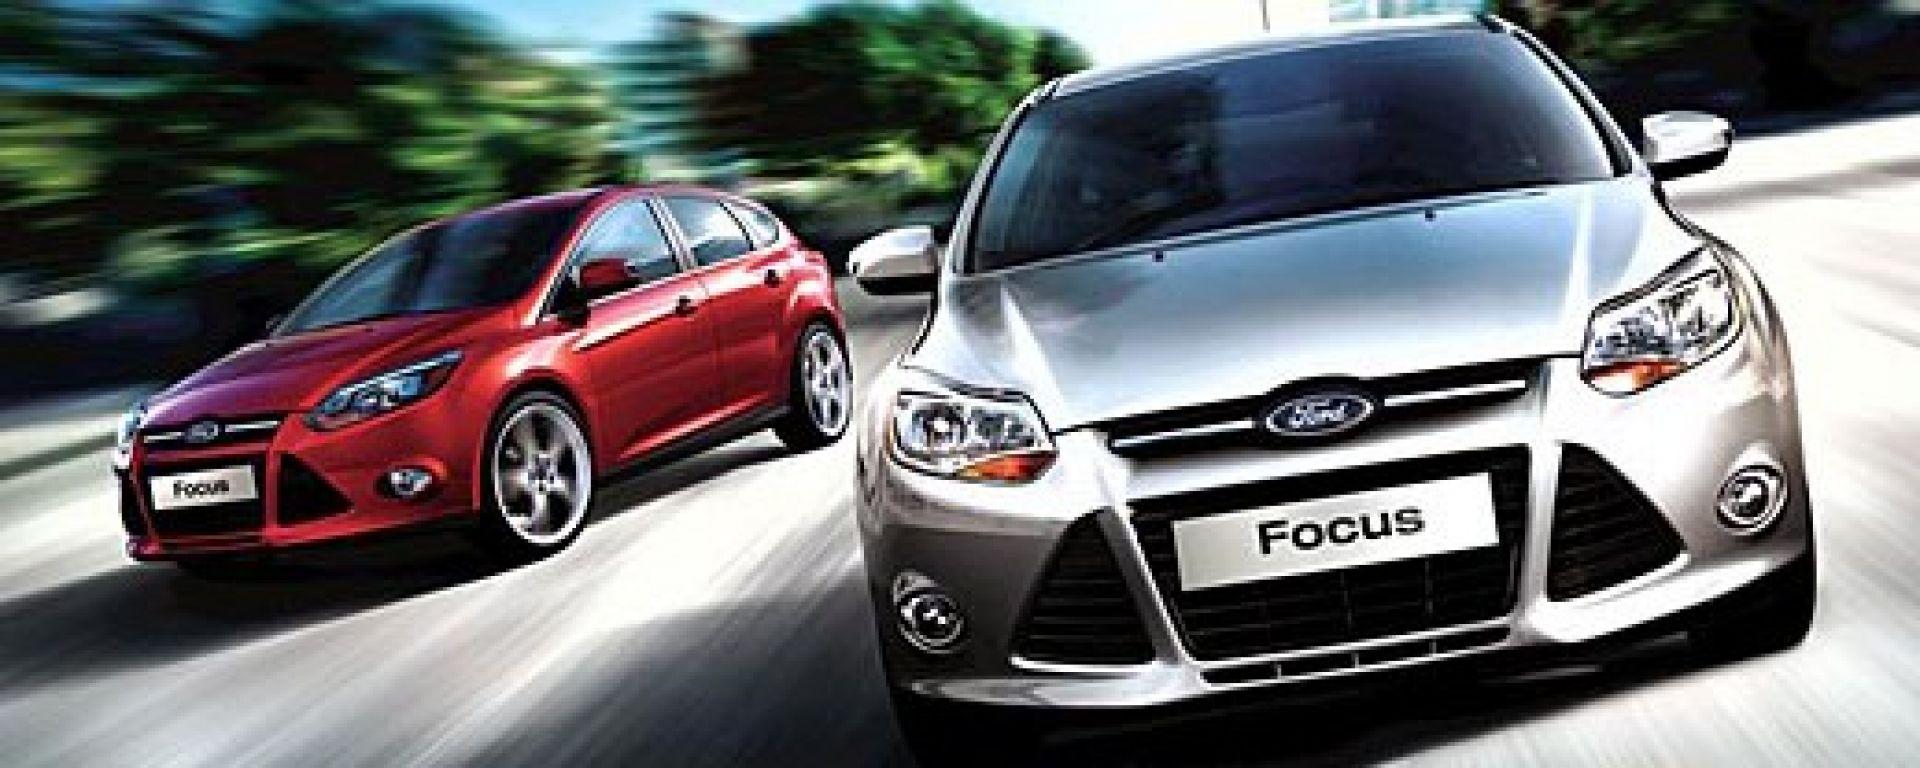 La nuova Ford Focus 2011 veste casual